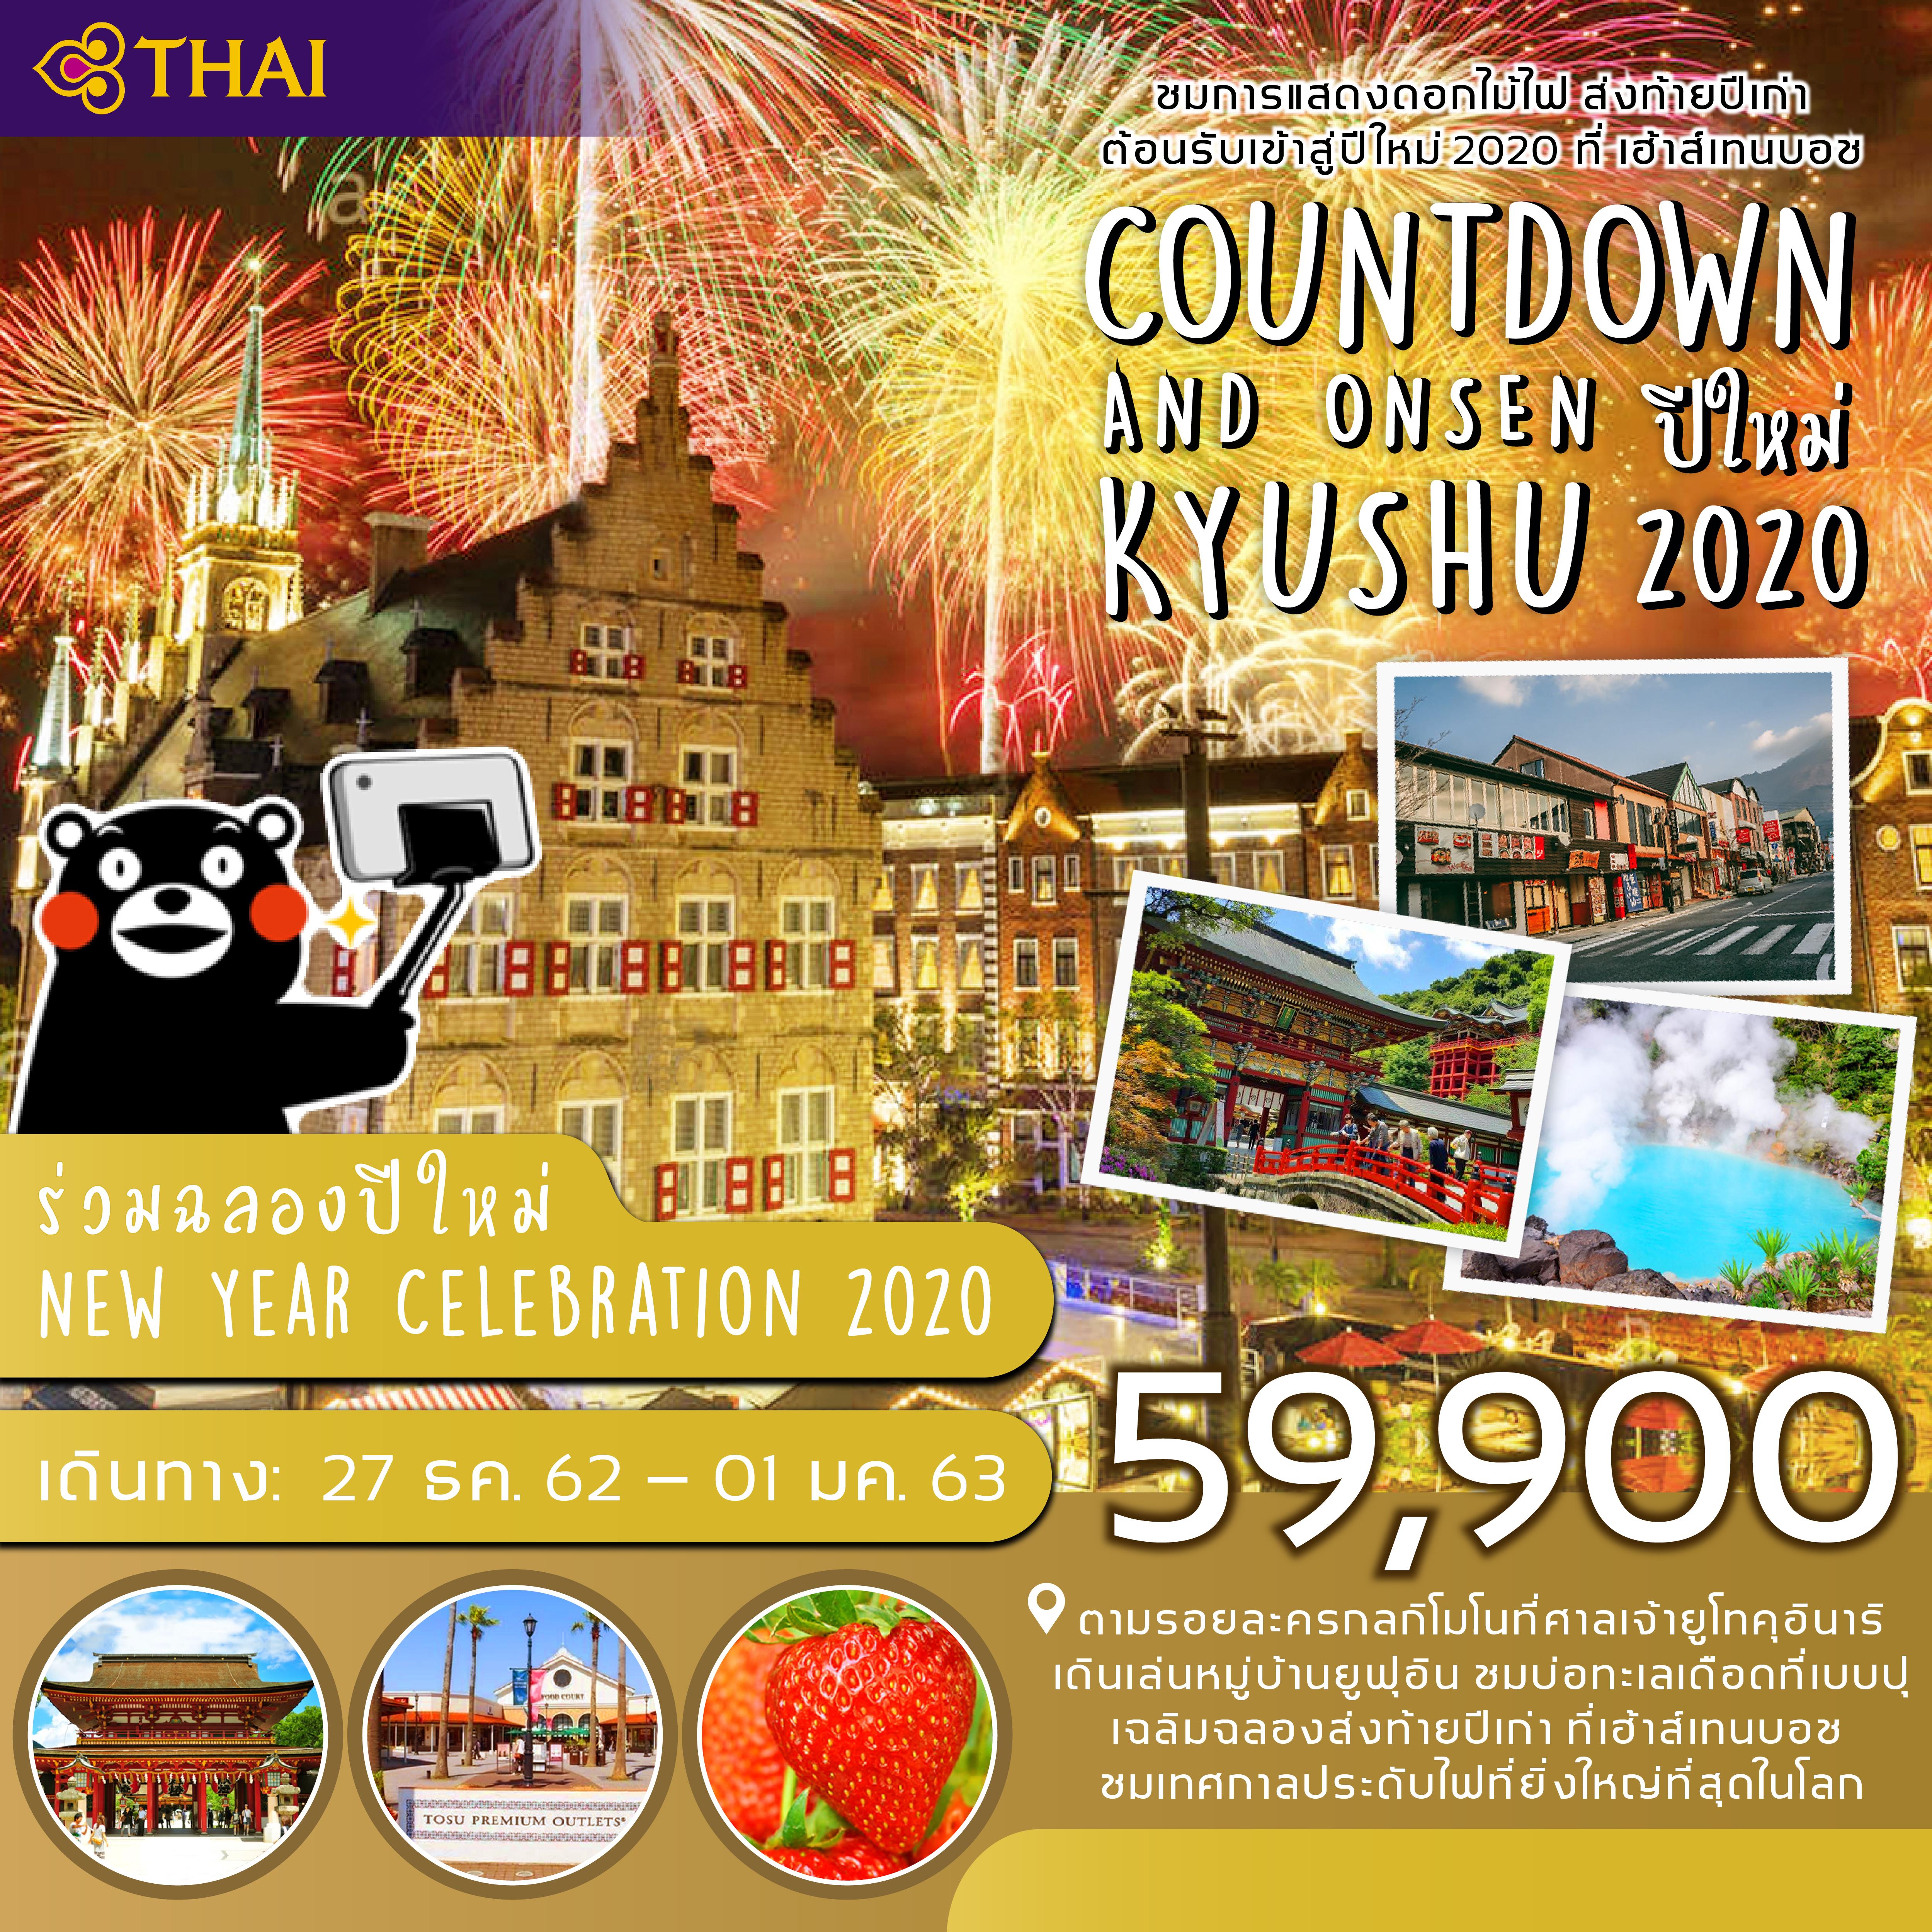 ทัวร์ปีใหม่ ญี่ปุ่น คิวชู COUNTDOWN & ONSEN 6วัน 4คืน